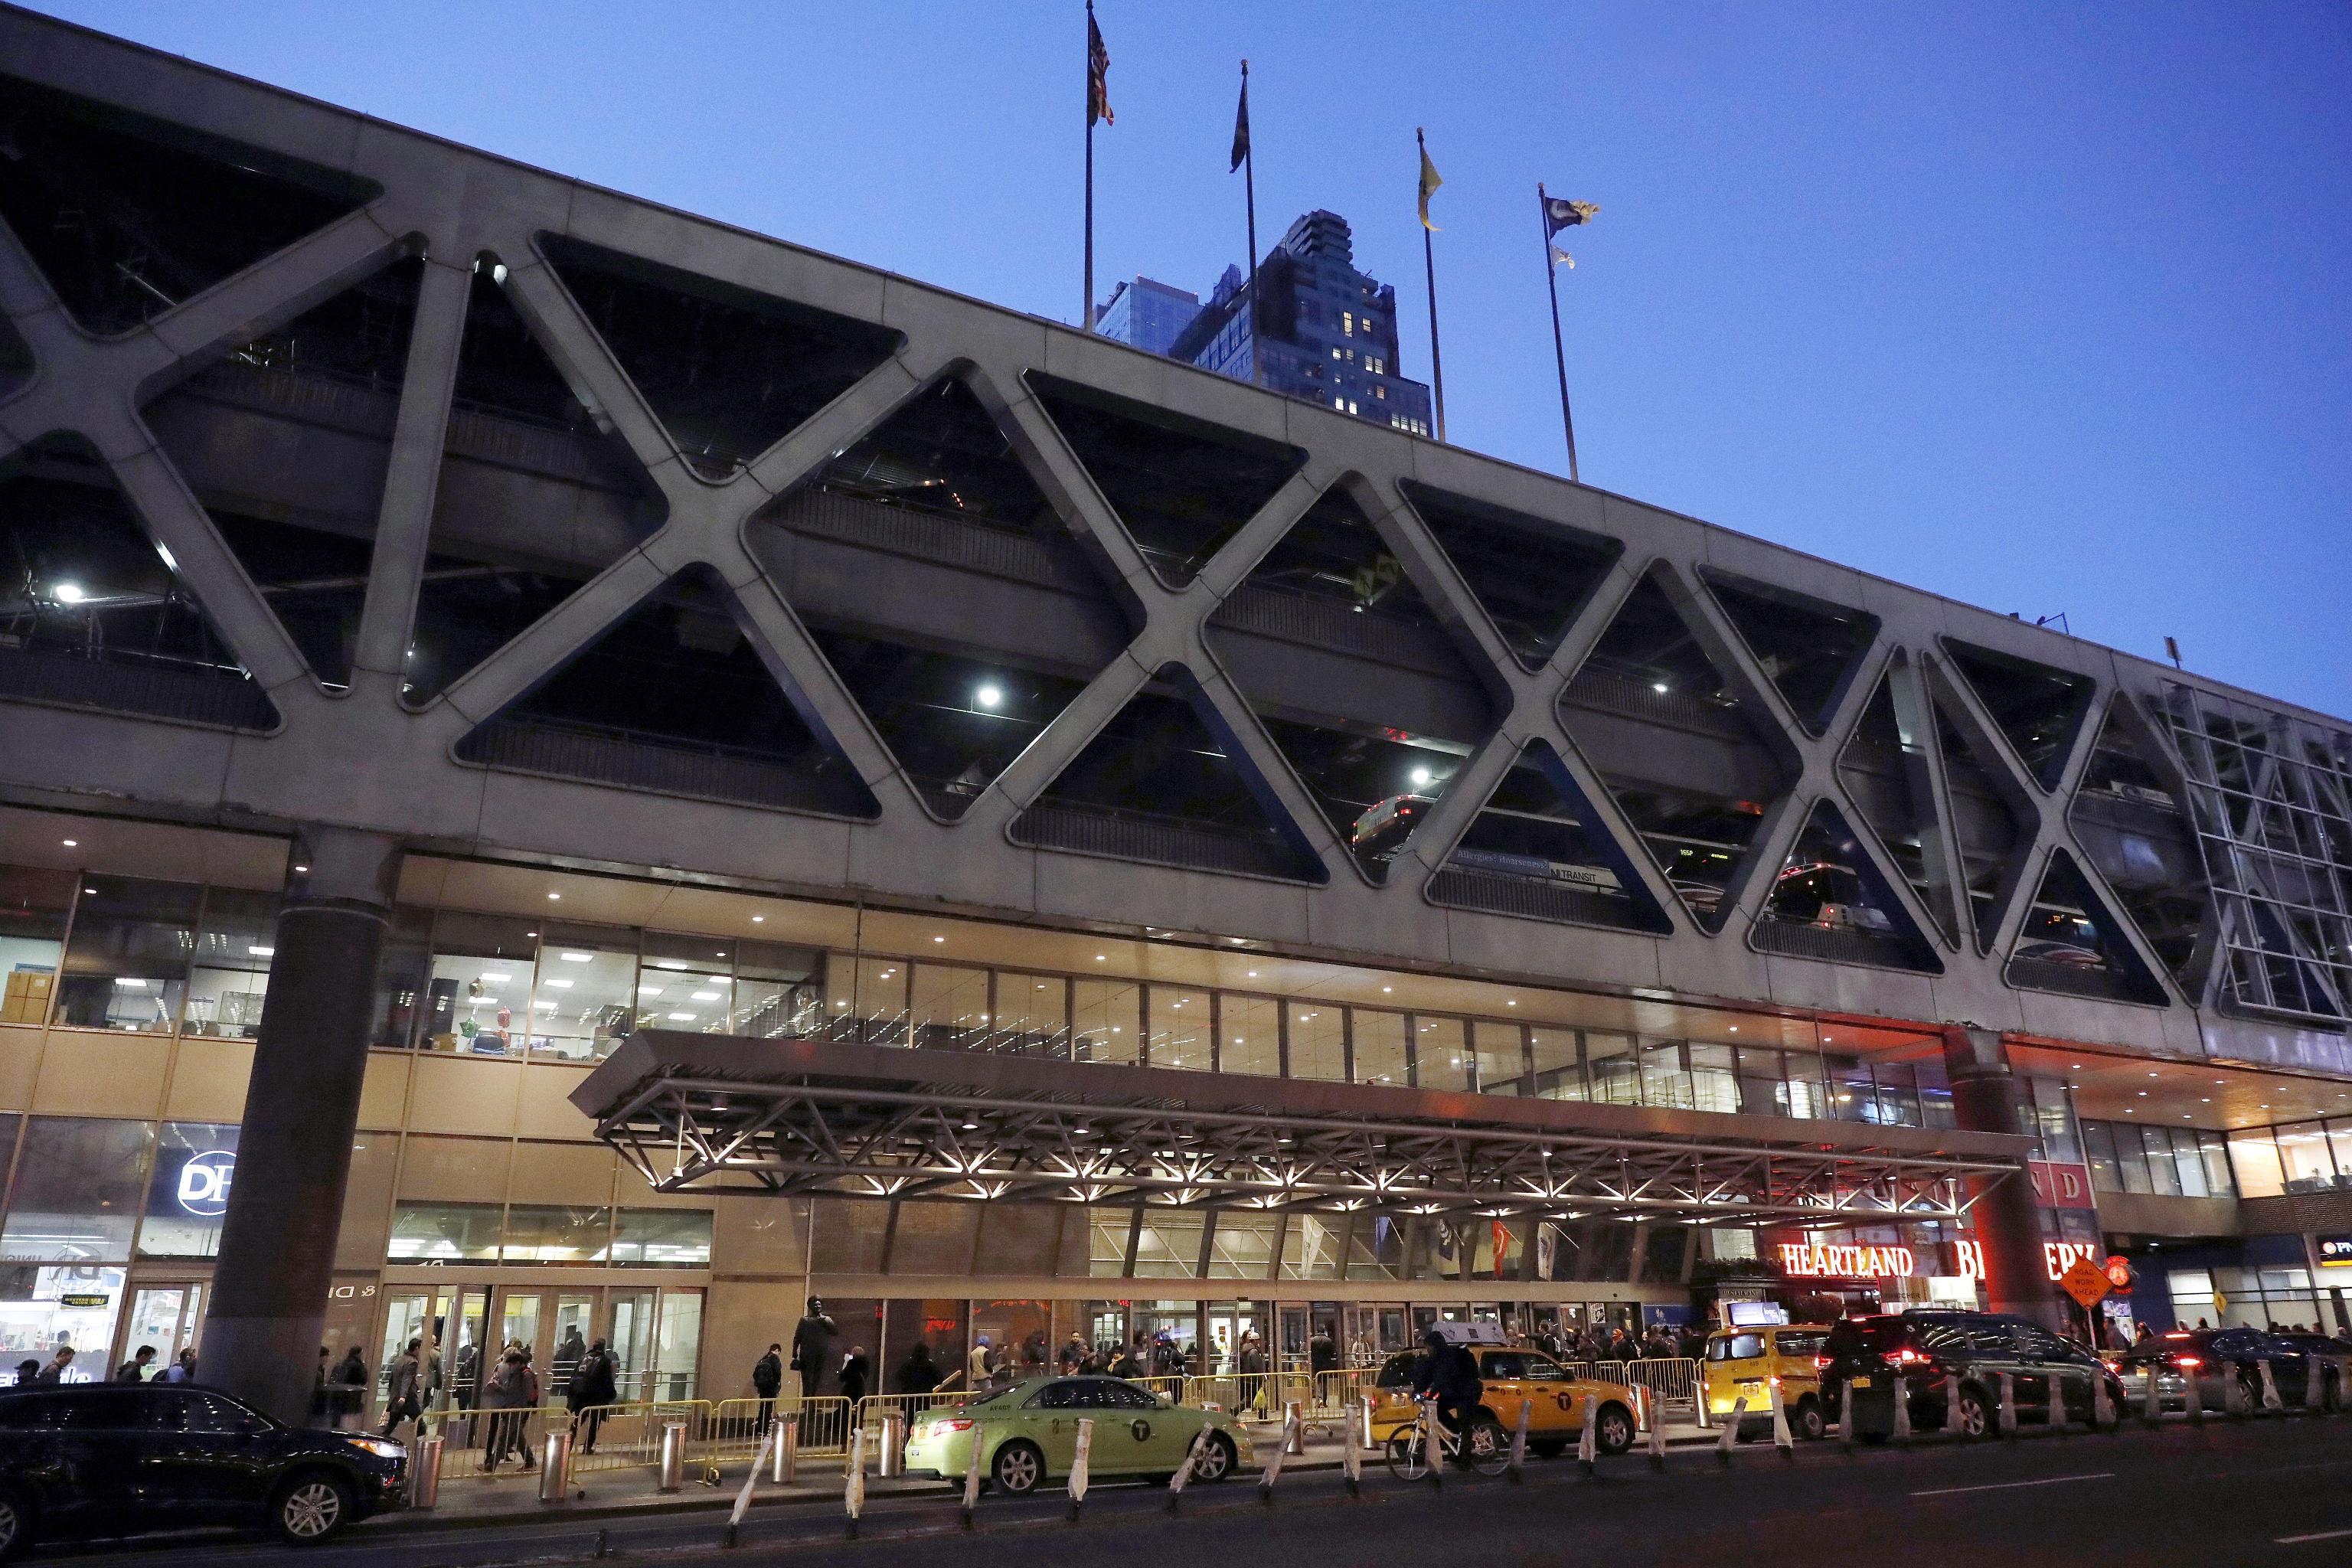 Attentato a New York: bomba esplode a Manhattan, potrebbero esserci dei feriti